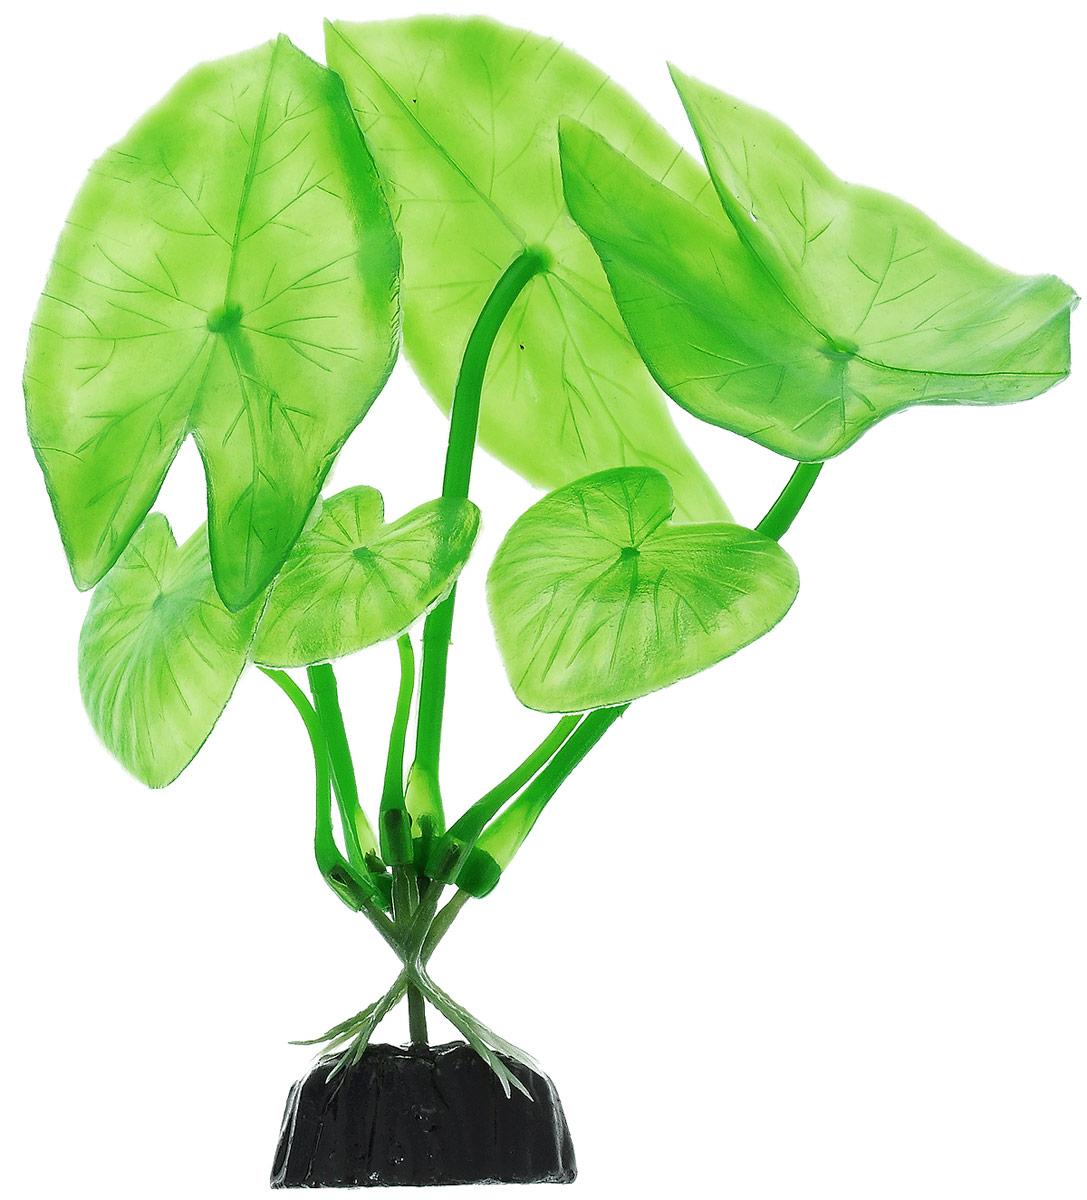 Растение для аквариума Barbus Нимфея, пластиковое, высота 10 см0120710Растение для аквариума Barbus Нимфея, выполненное из качественного пластика, станет прекрасным украшением вашего аквариума. Пластиковое растение идеально подходит для дизайна всех видов аквариумов. Оно абсолютно безопасно, нейтрально к водному балансу, устойчиво к истиранию краски, подходит как для пресноводного, так и для морского аквариума. Растение для аквариума Barbus поможет вам смоделировать потрясающий пейзаж на дне вашего аквариума или террариума. Высота растения: 10 см.